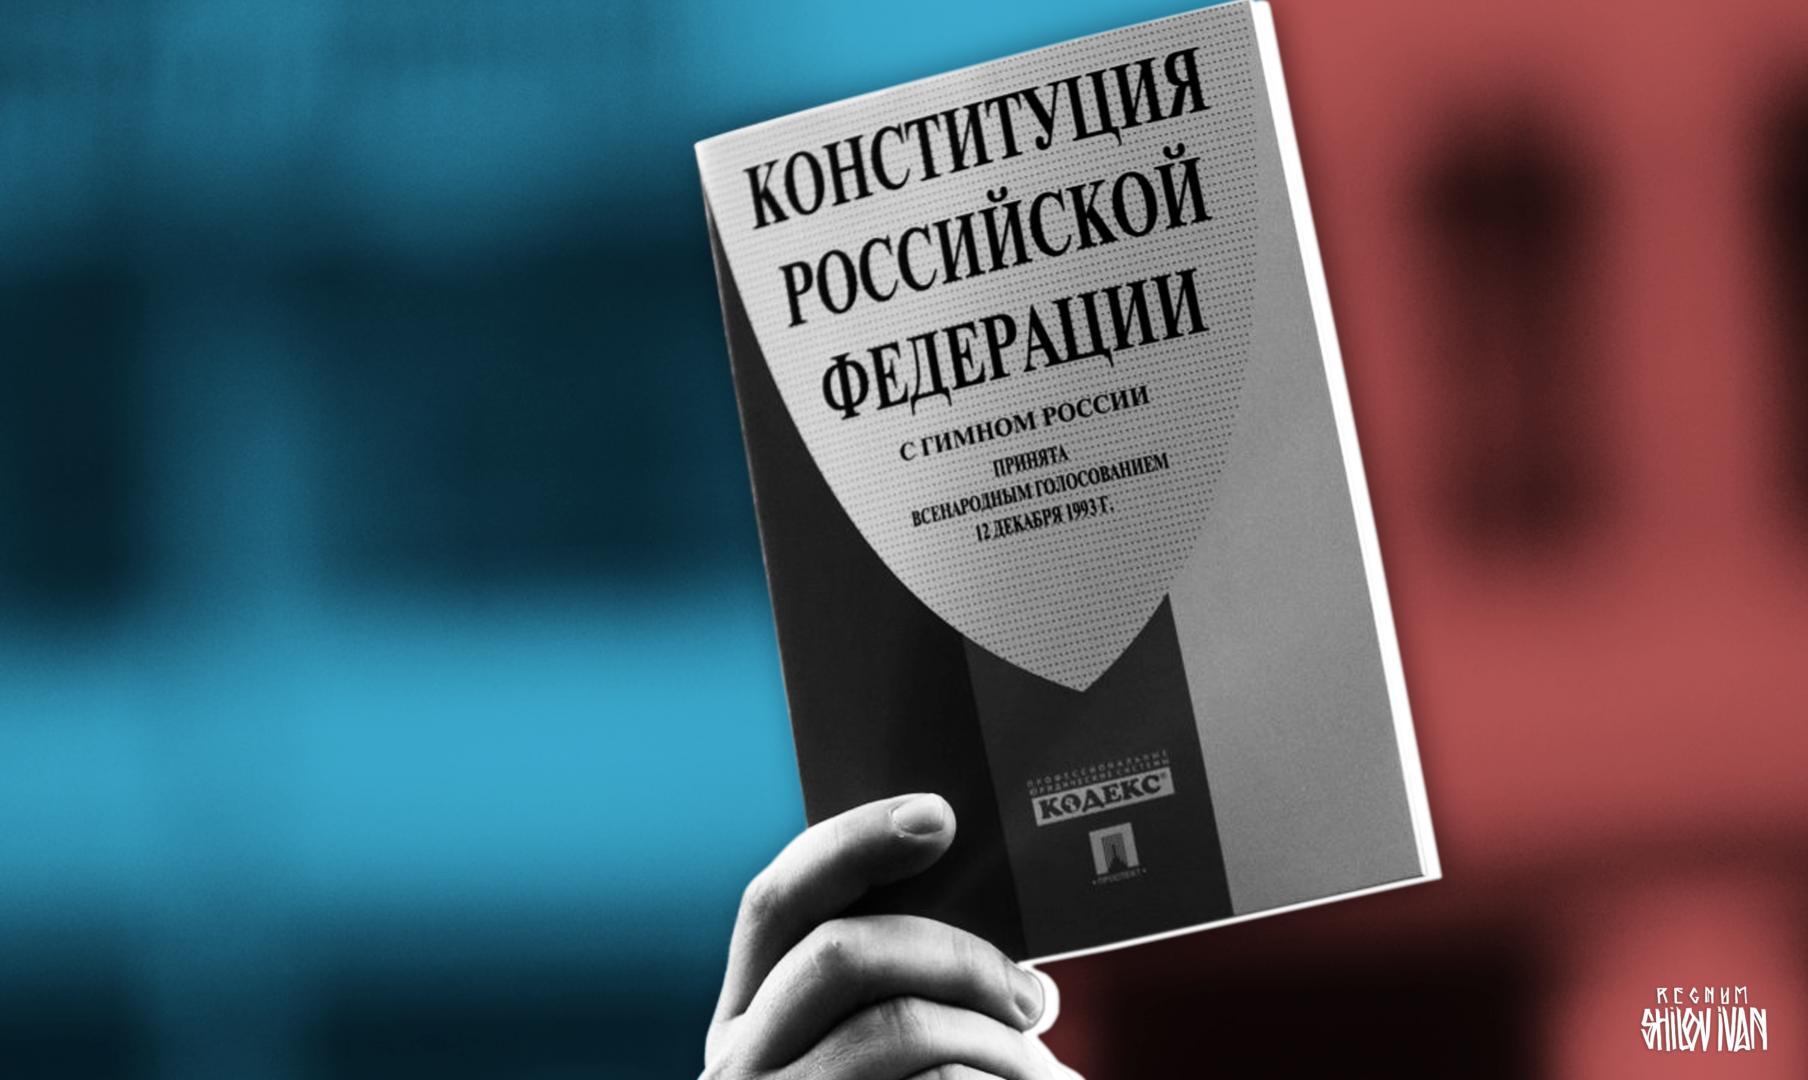 Москвичей заманивают голосовать по поправкам в Конституцию